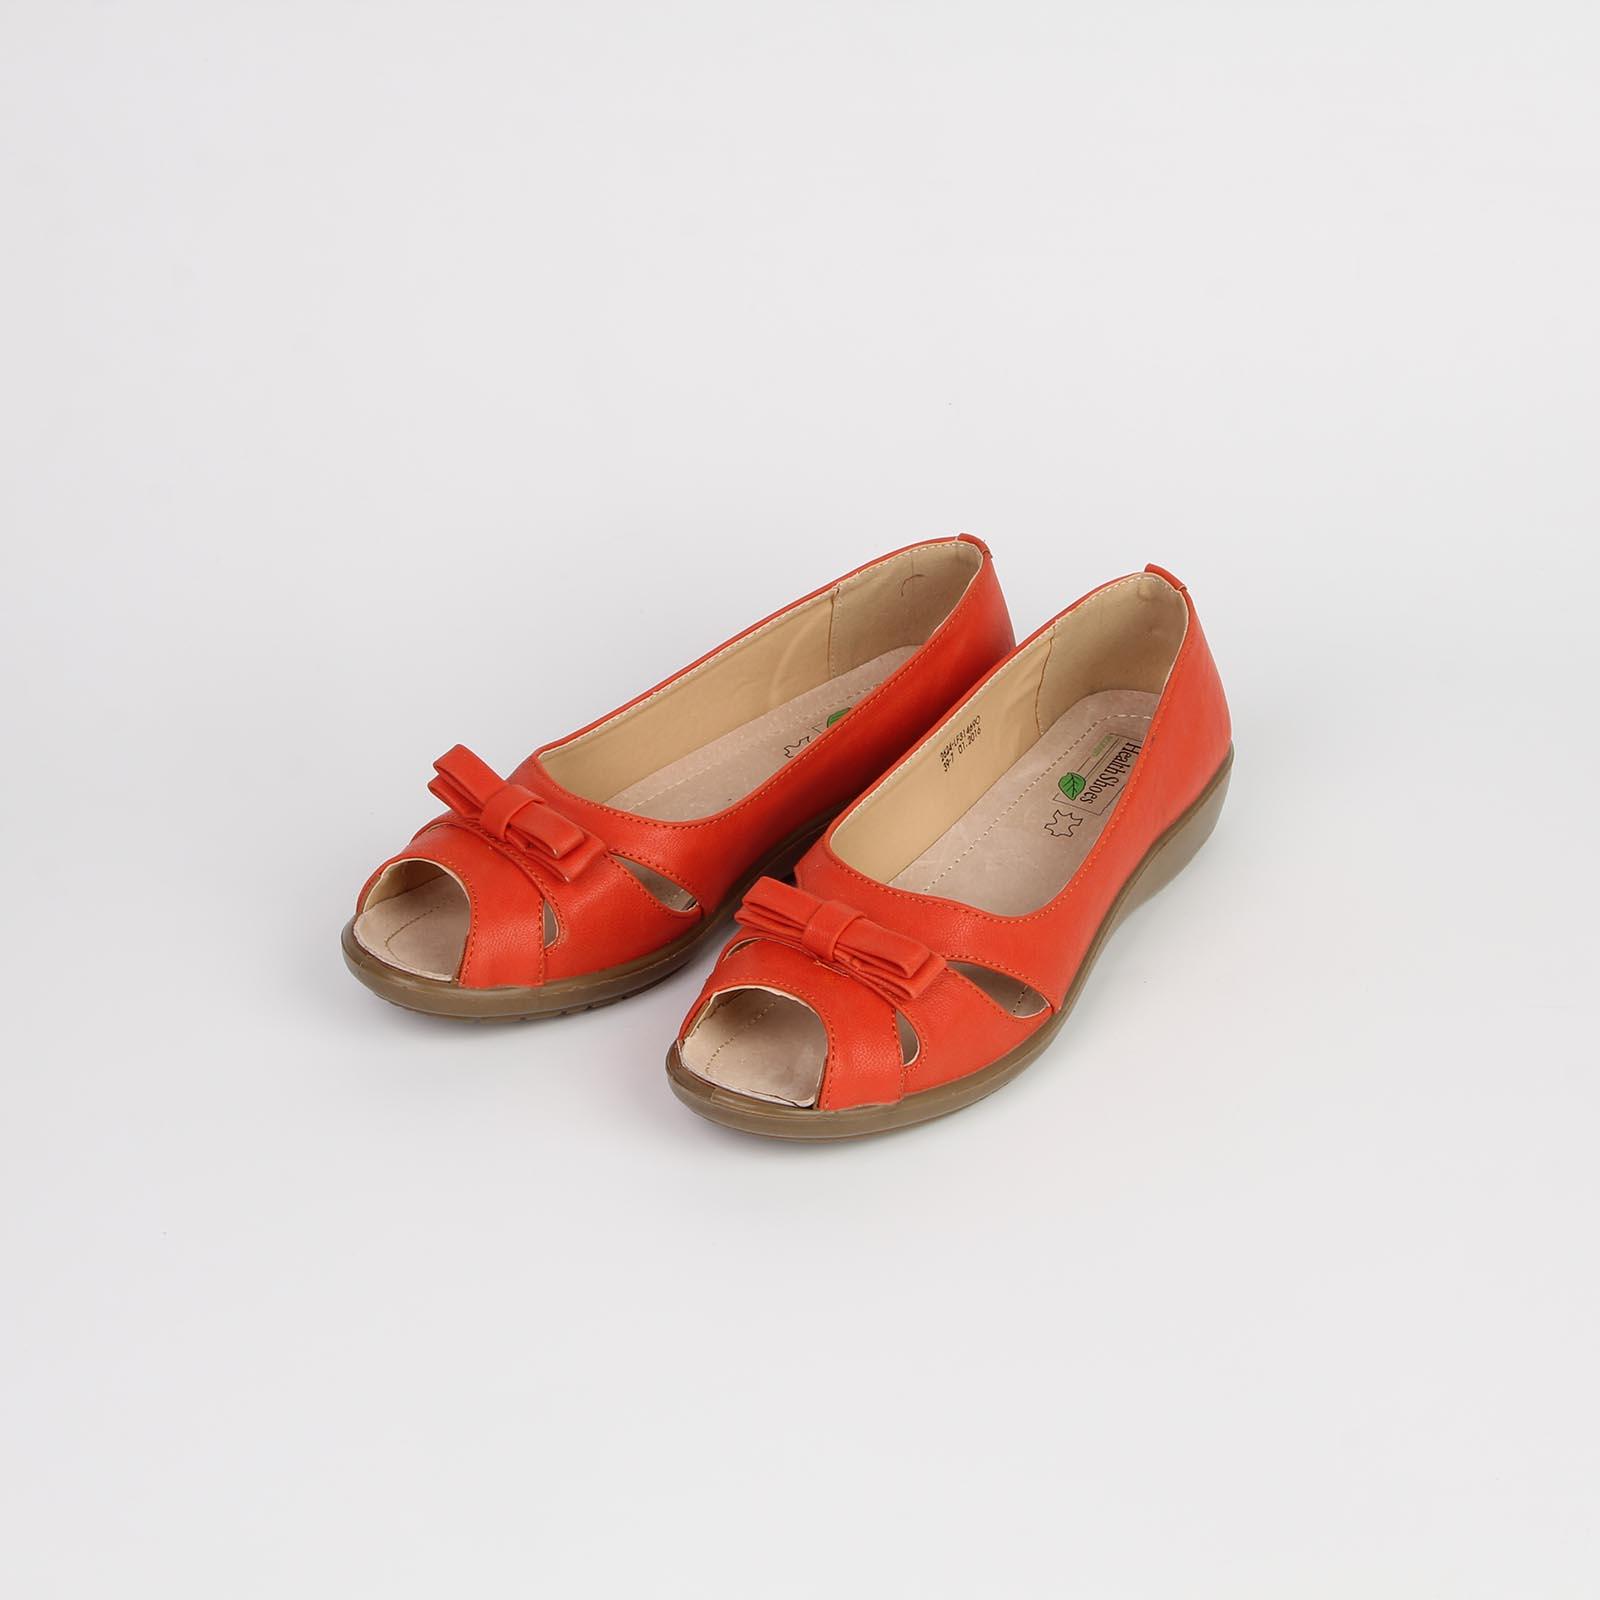 Туфли женские с открытым мысом украшенные бантом